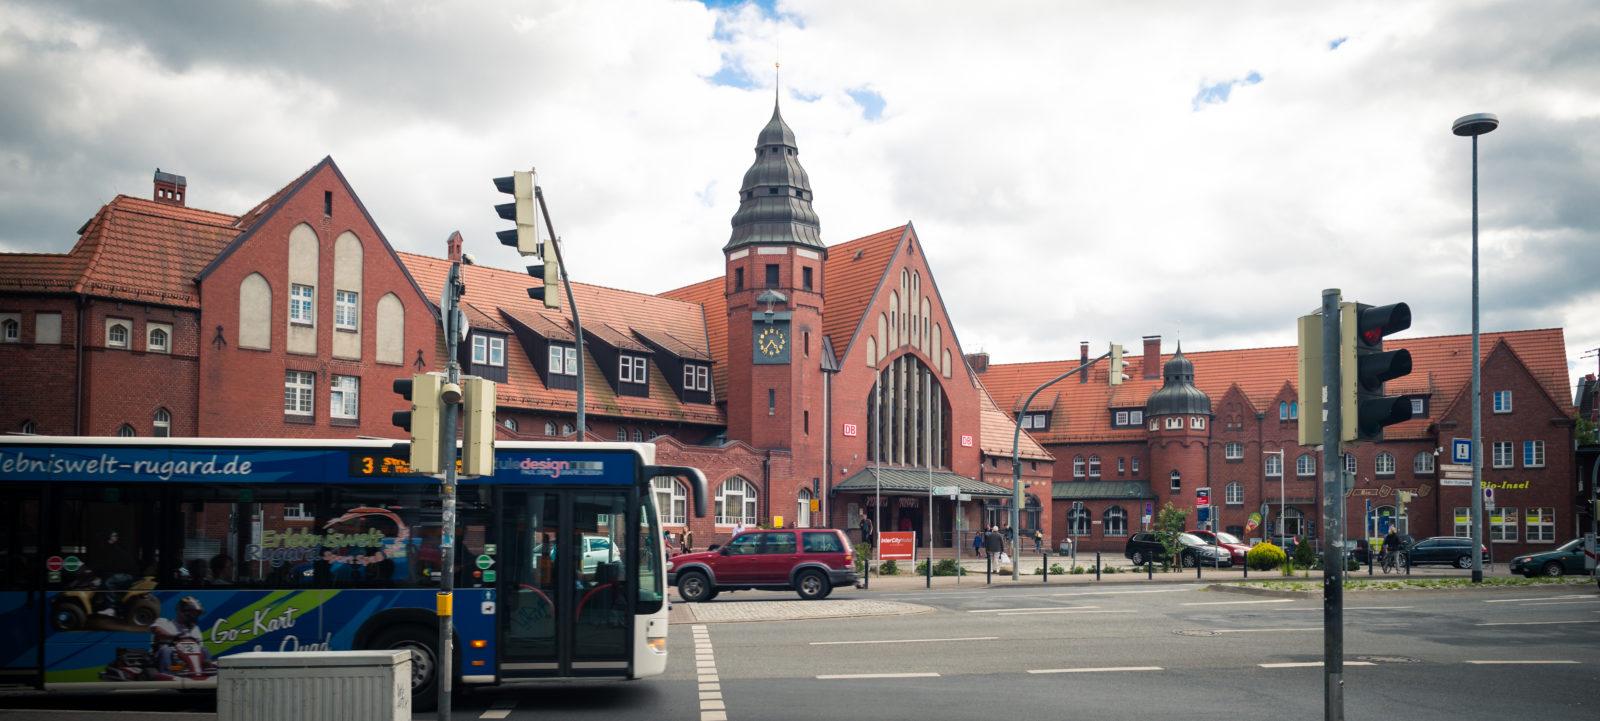 Bahnhof des Jahres 2016 - Stralsund